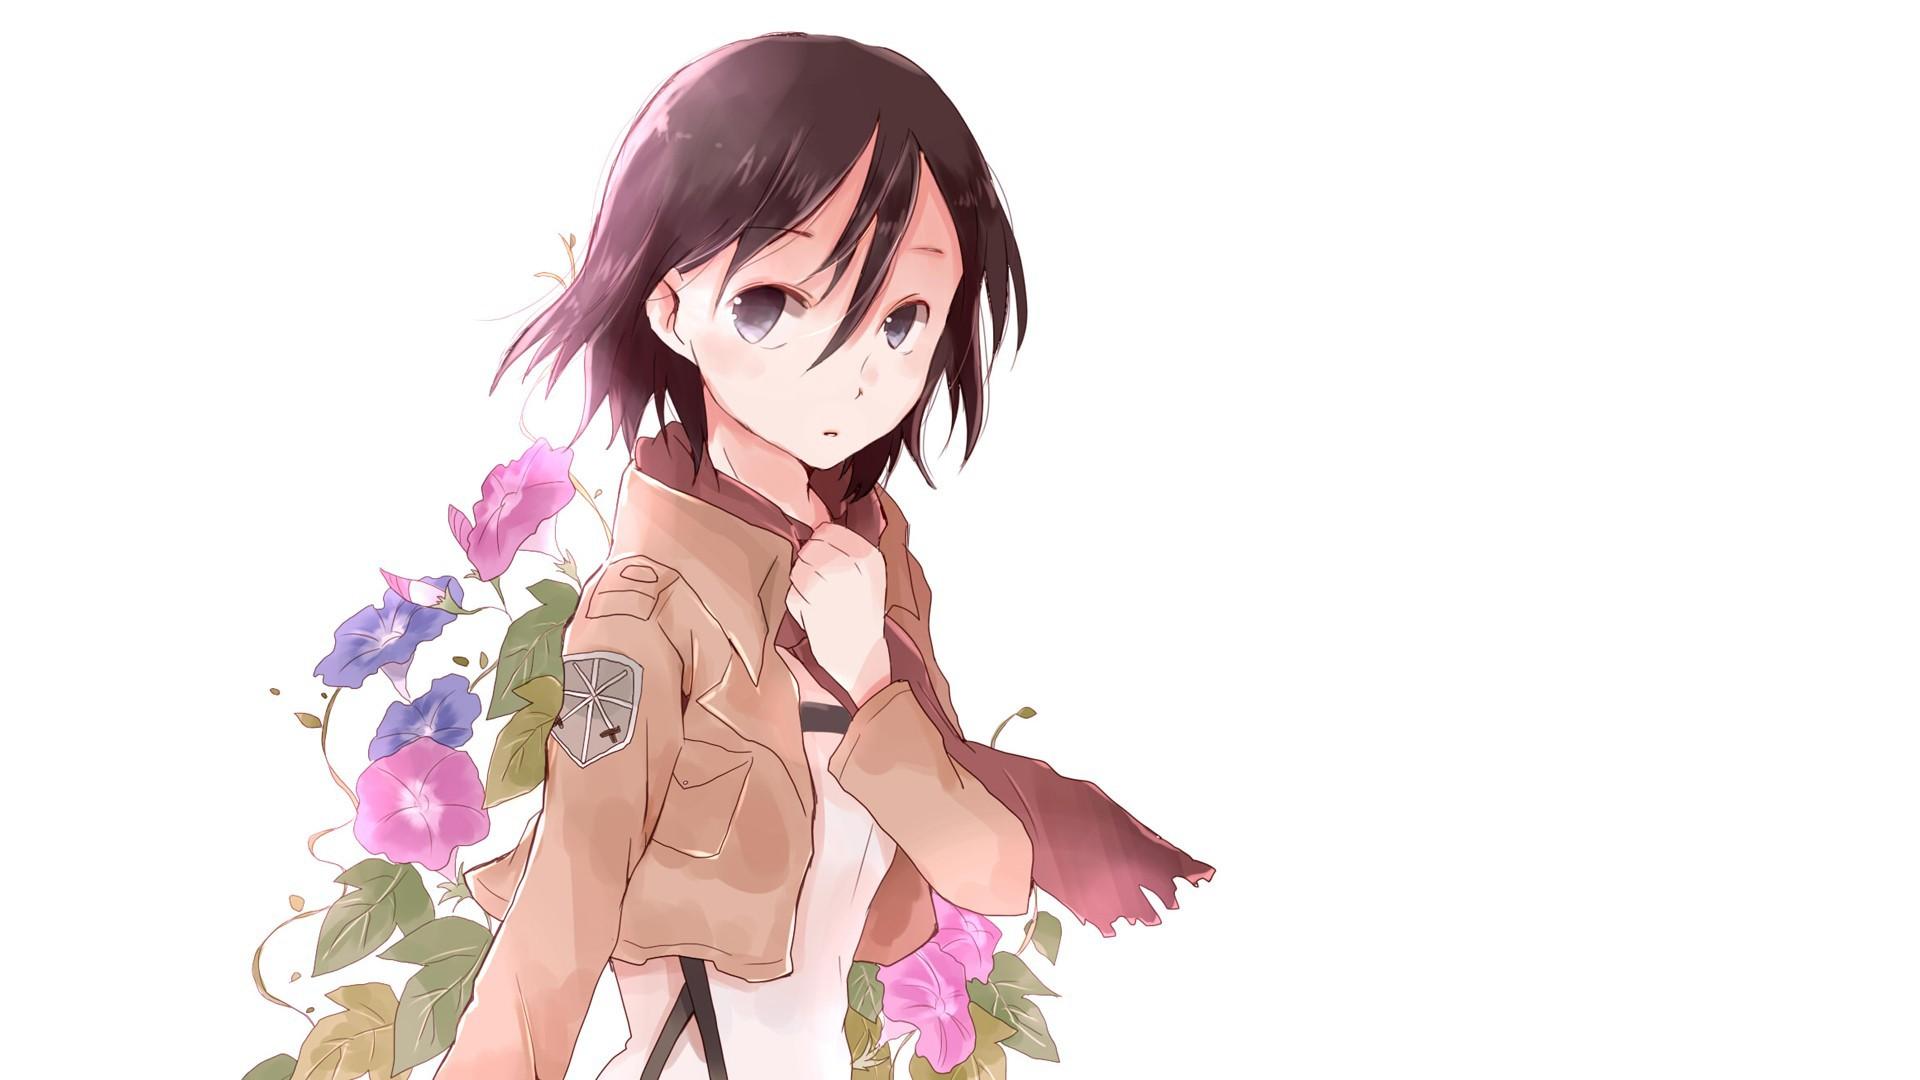 фото на белом фоне аниме